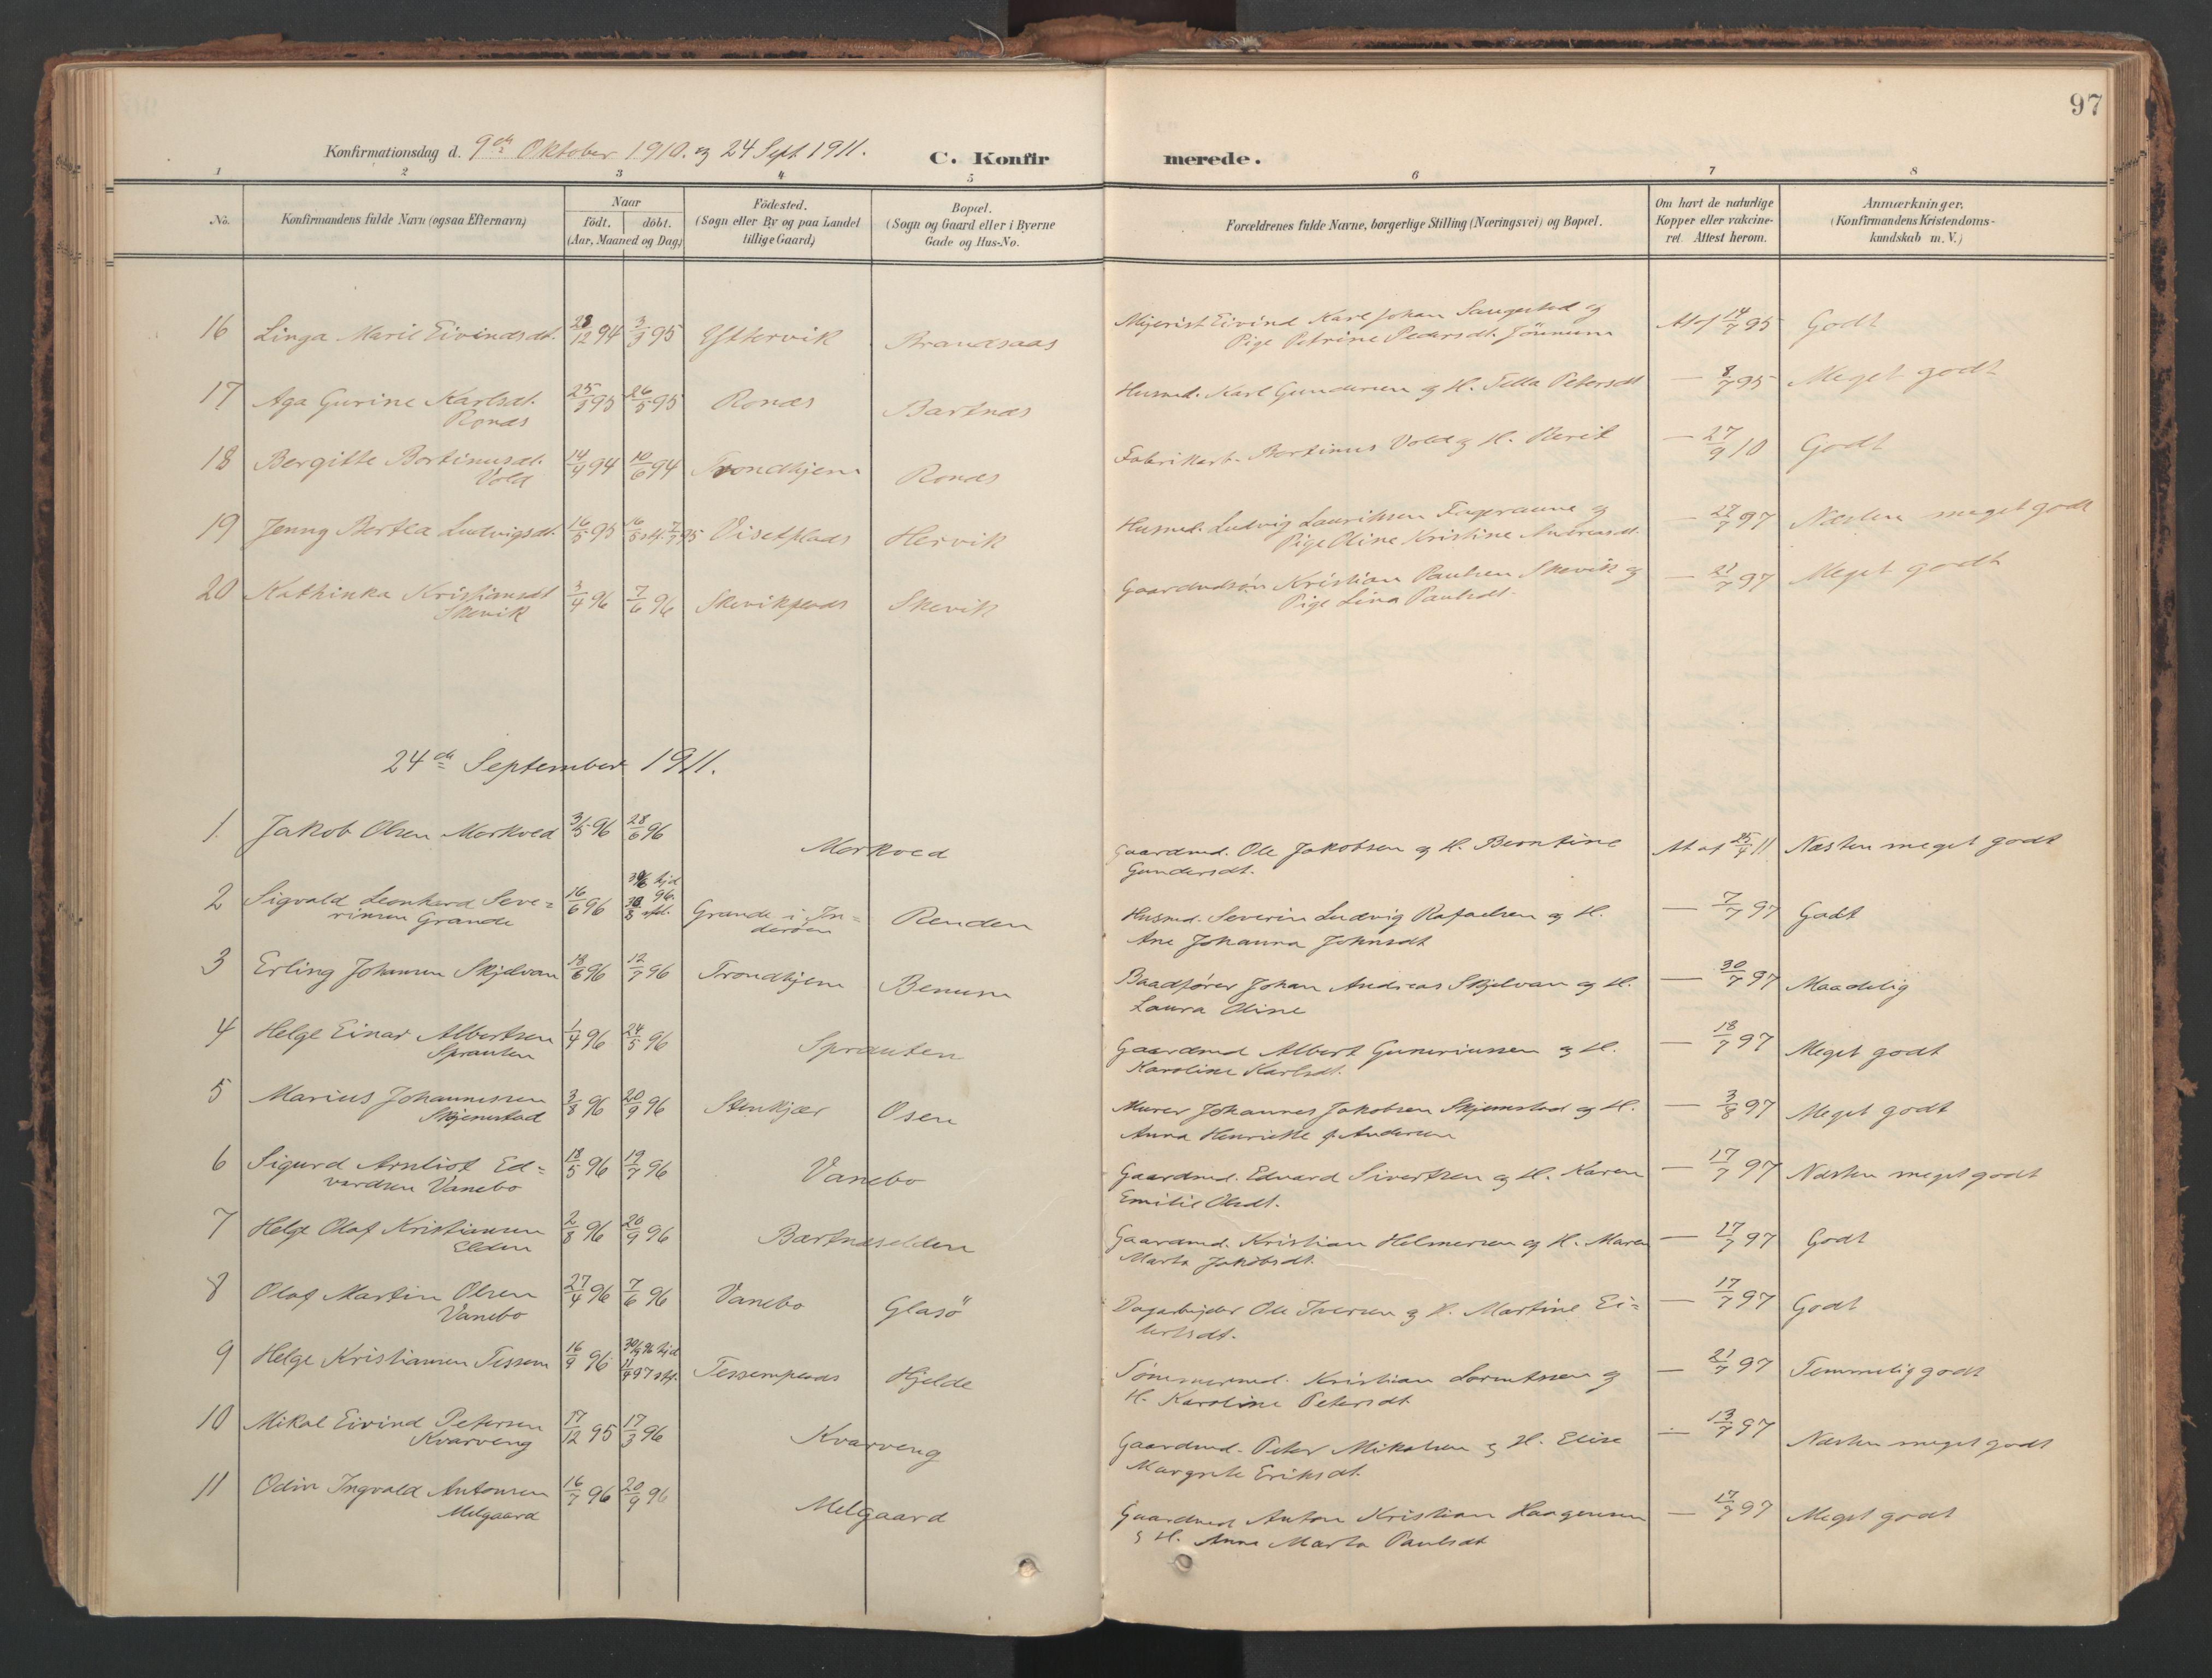 SAT, Ministerialprotokoller, klokkerbøker og fødselsregistre - Nord-Trøndelag, 741/L0397: Ministerialbok nr. 741A11, 1901-1911, s. 97